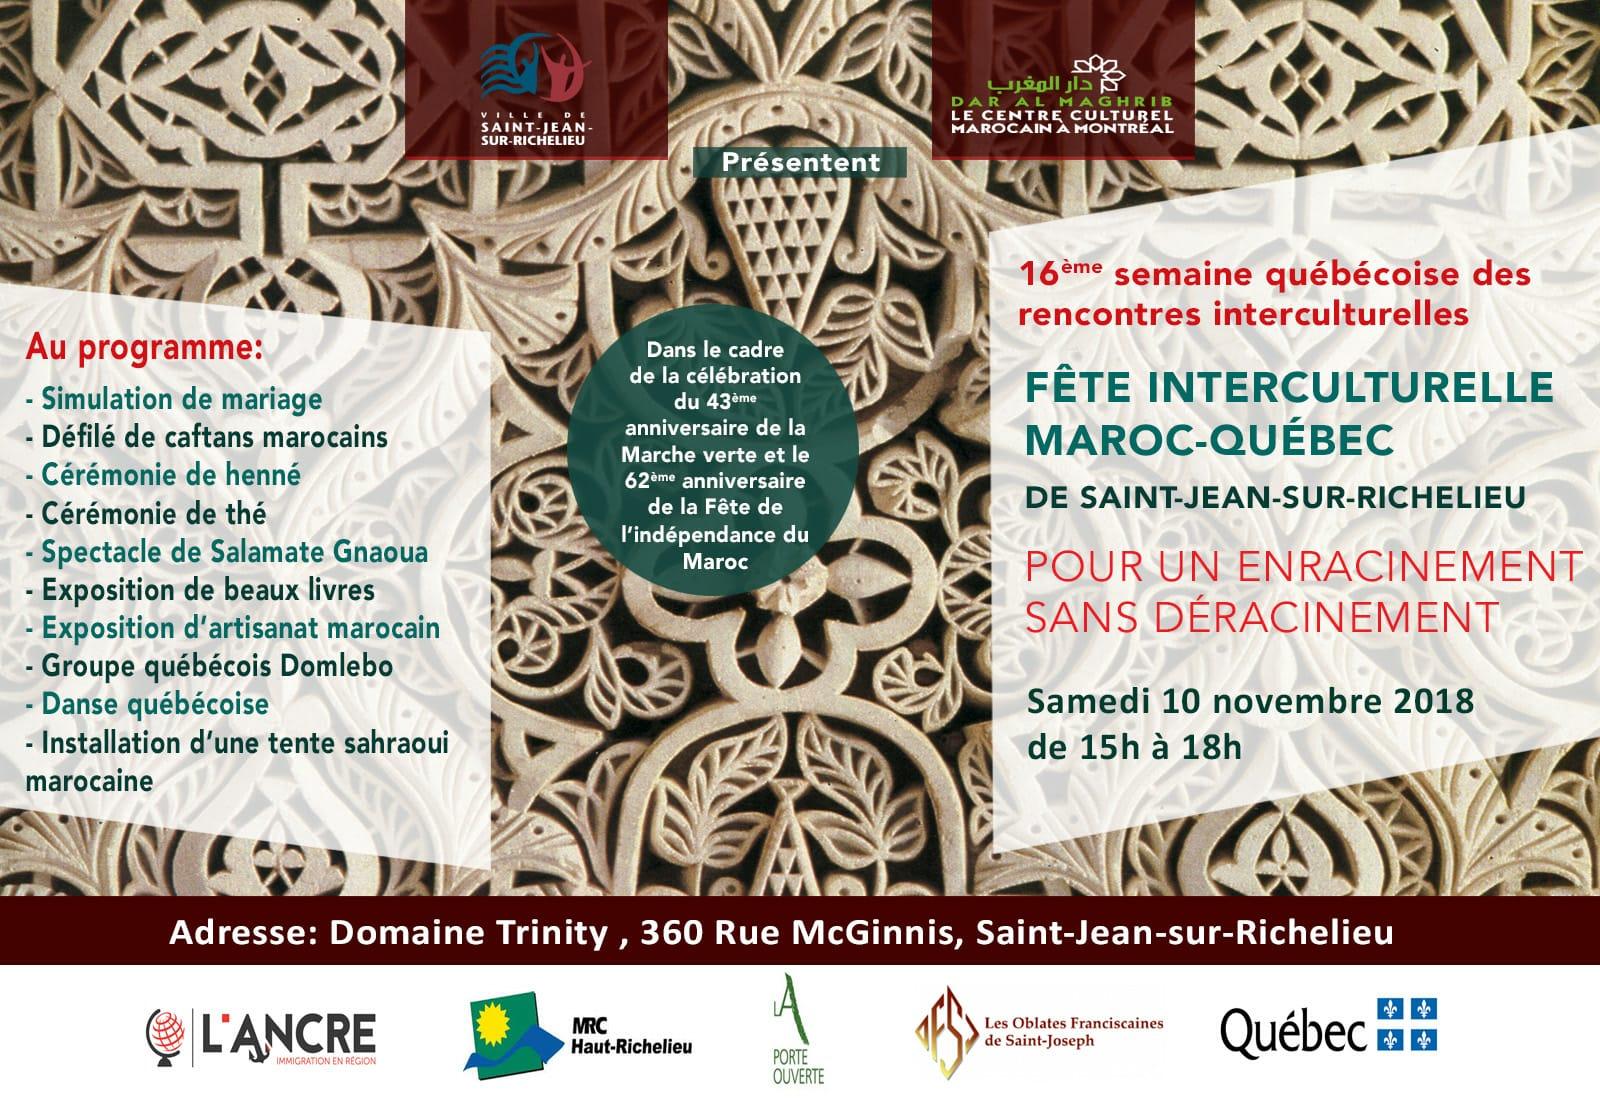 Une fête interculturelle Maroc – Québec met à l'honneur la culture marocaine à Saint-Jean-sur-Richelieu